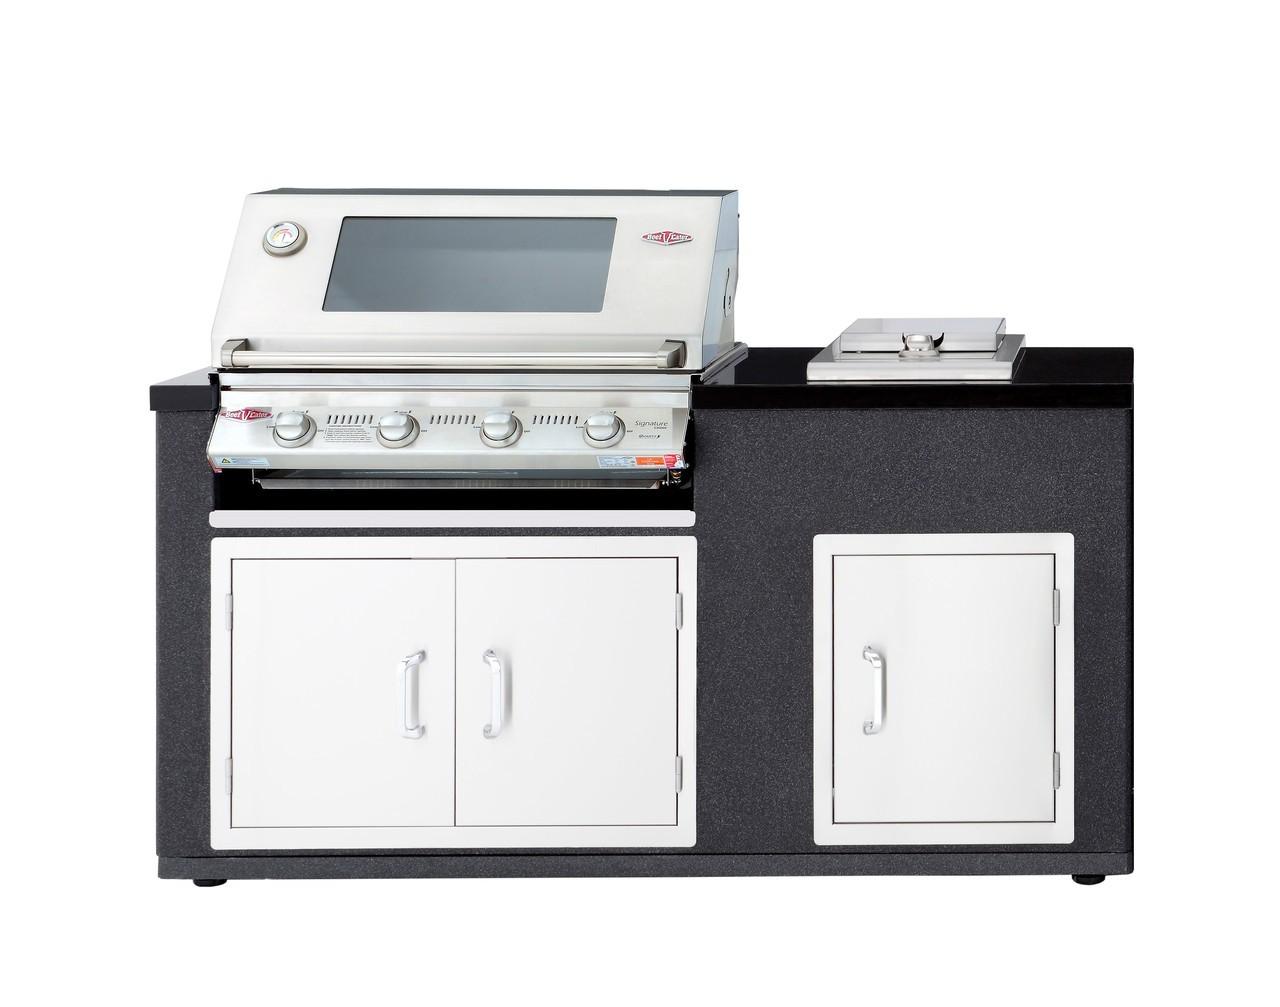 Outdoorküche Tür Preis : Outdoorküche artisan grillmodul s3000s mit seitenbrenner & türen